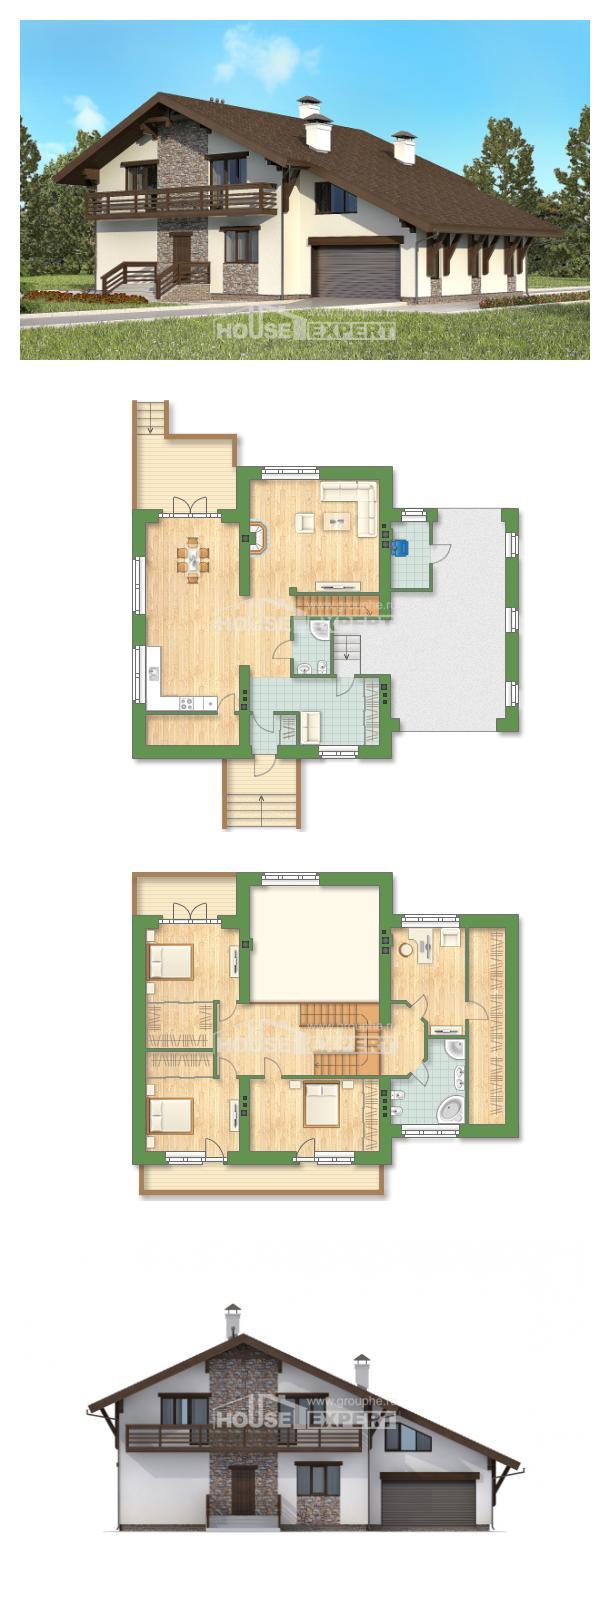 Plan 280-001-R | House Expert